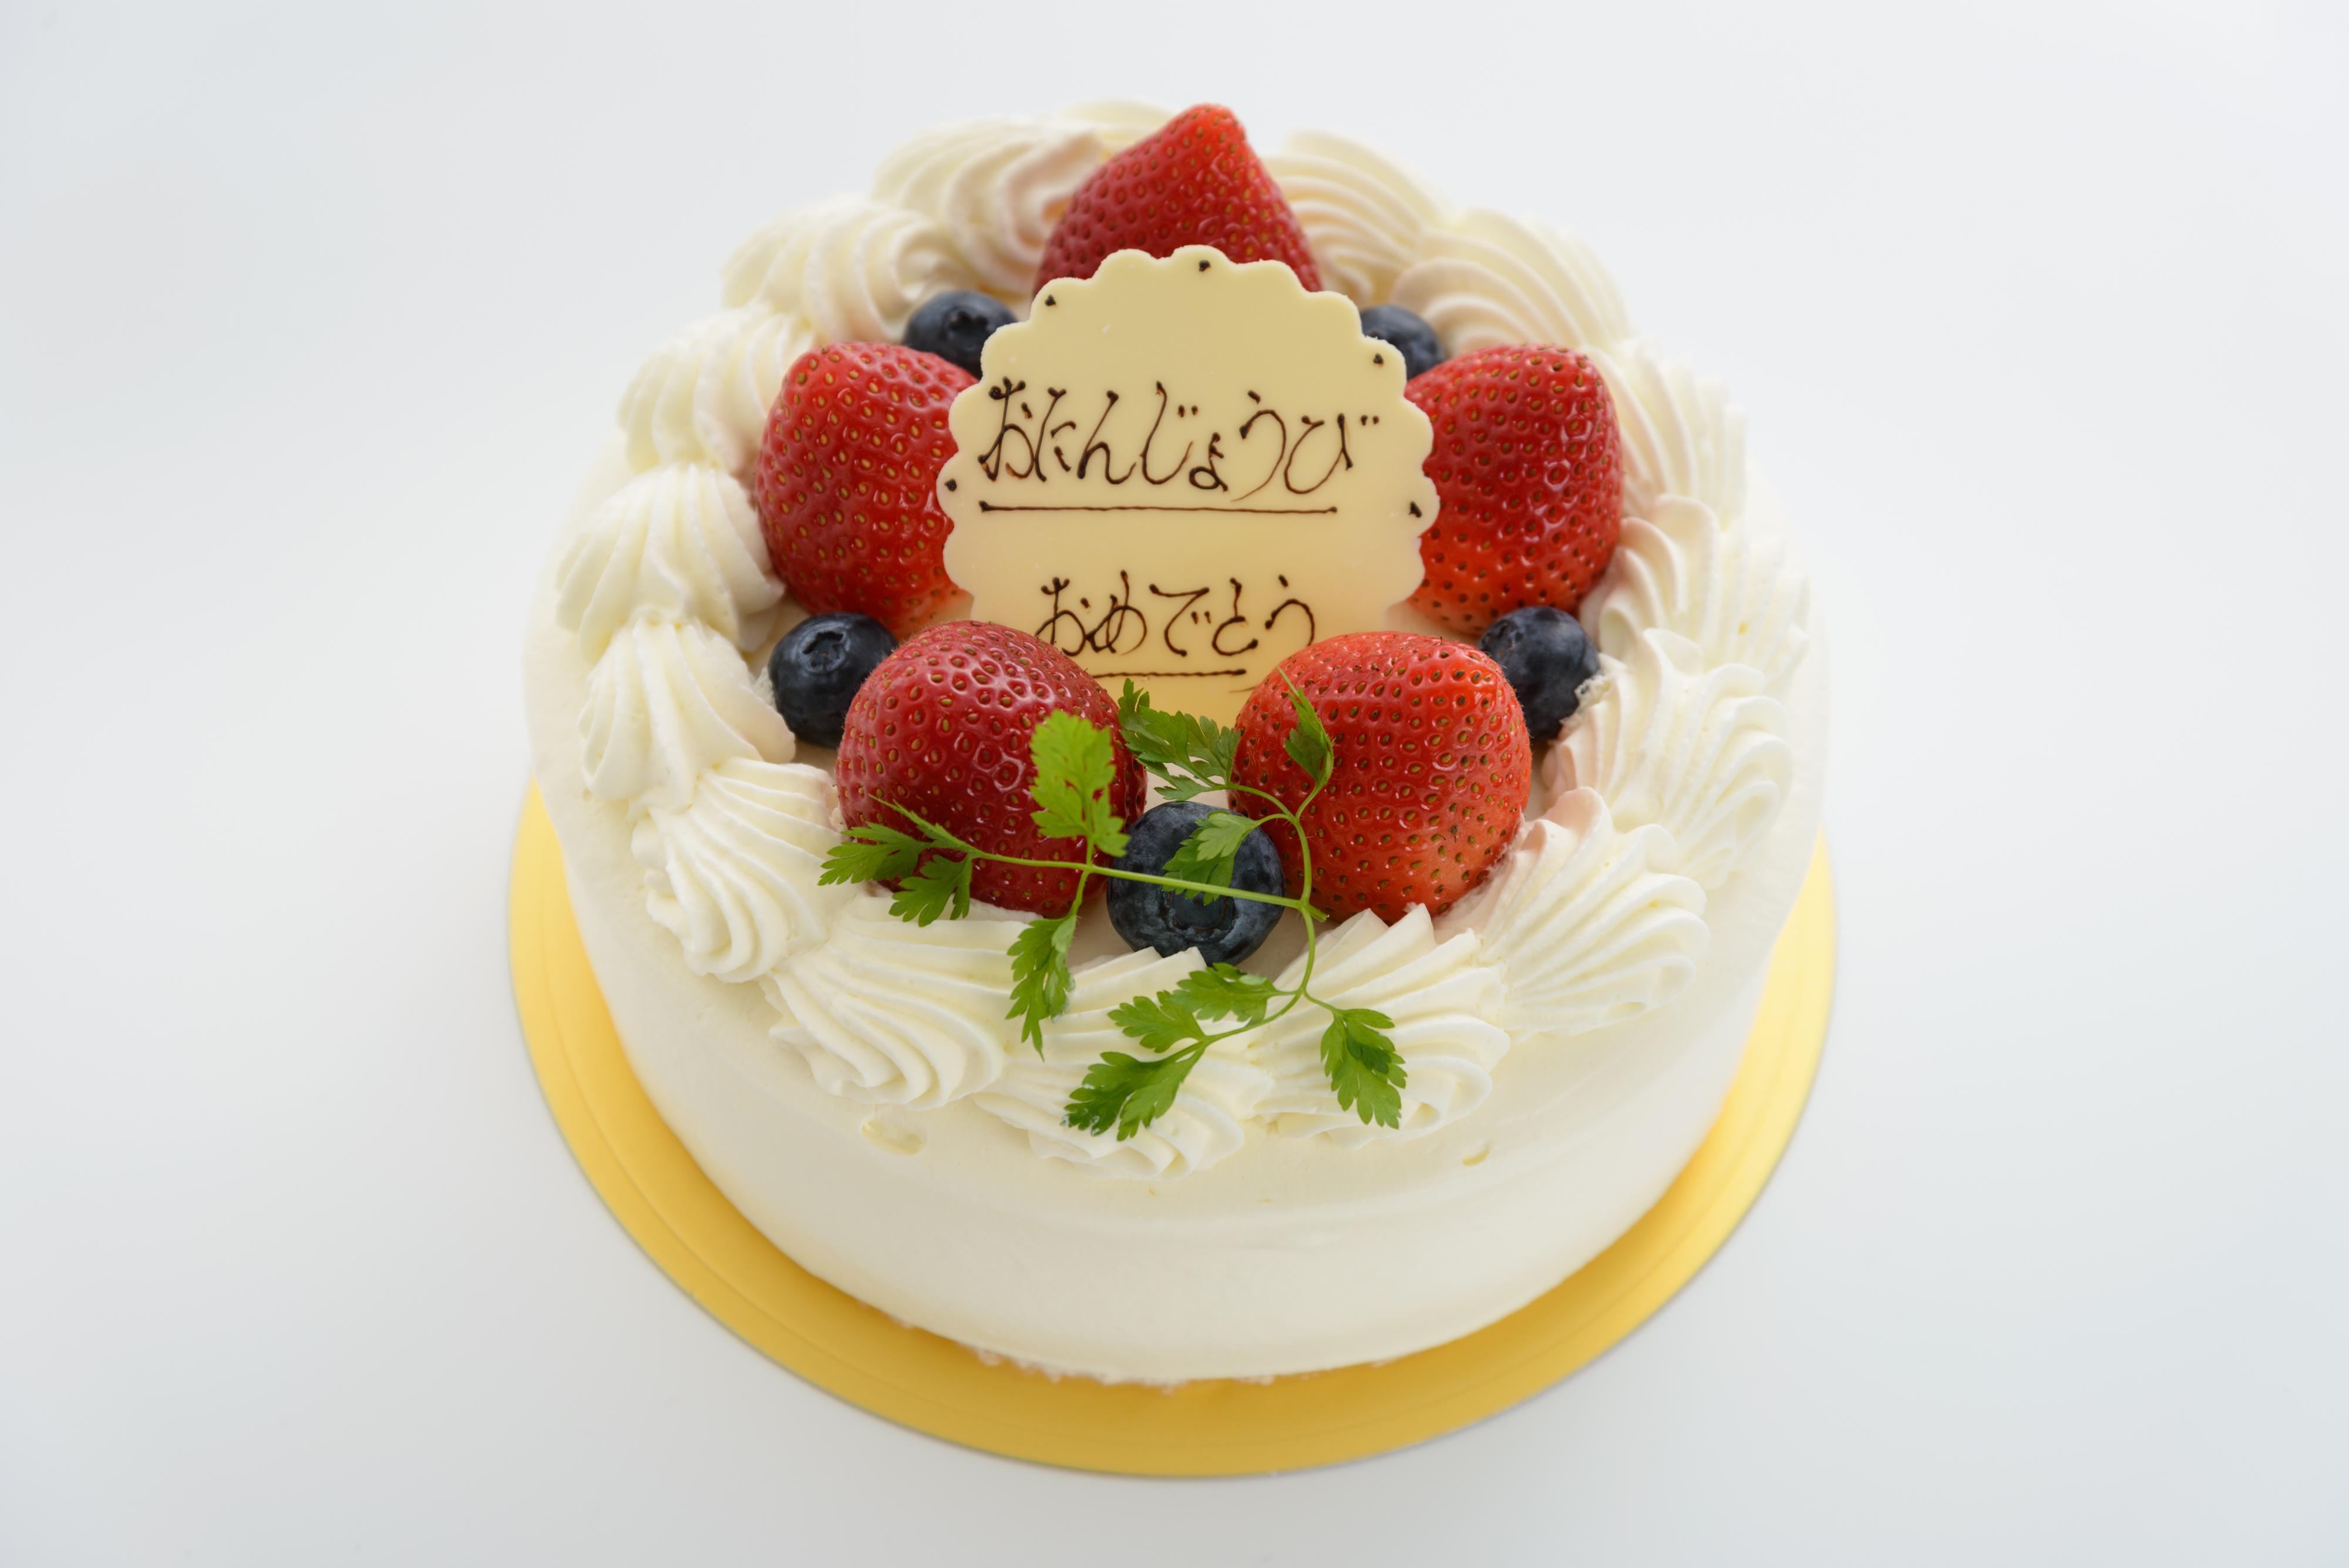 *生クリームデコレーション*お誕生日には苺と生クリームたっぷりのデコレーションをどうぞ。